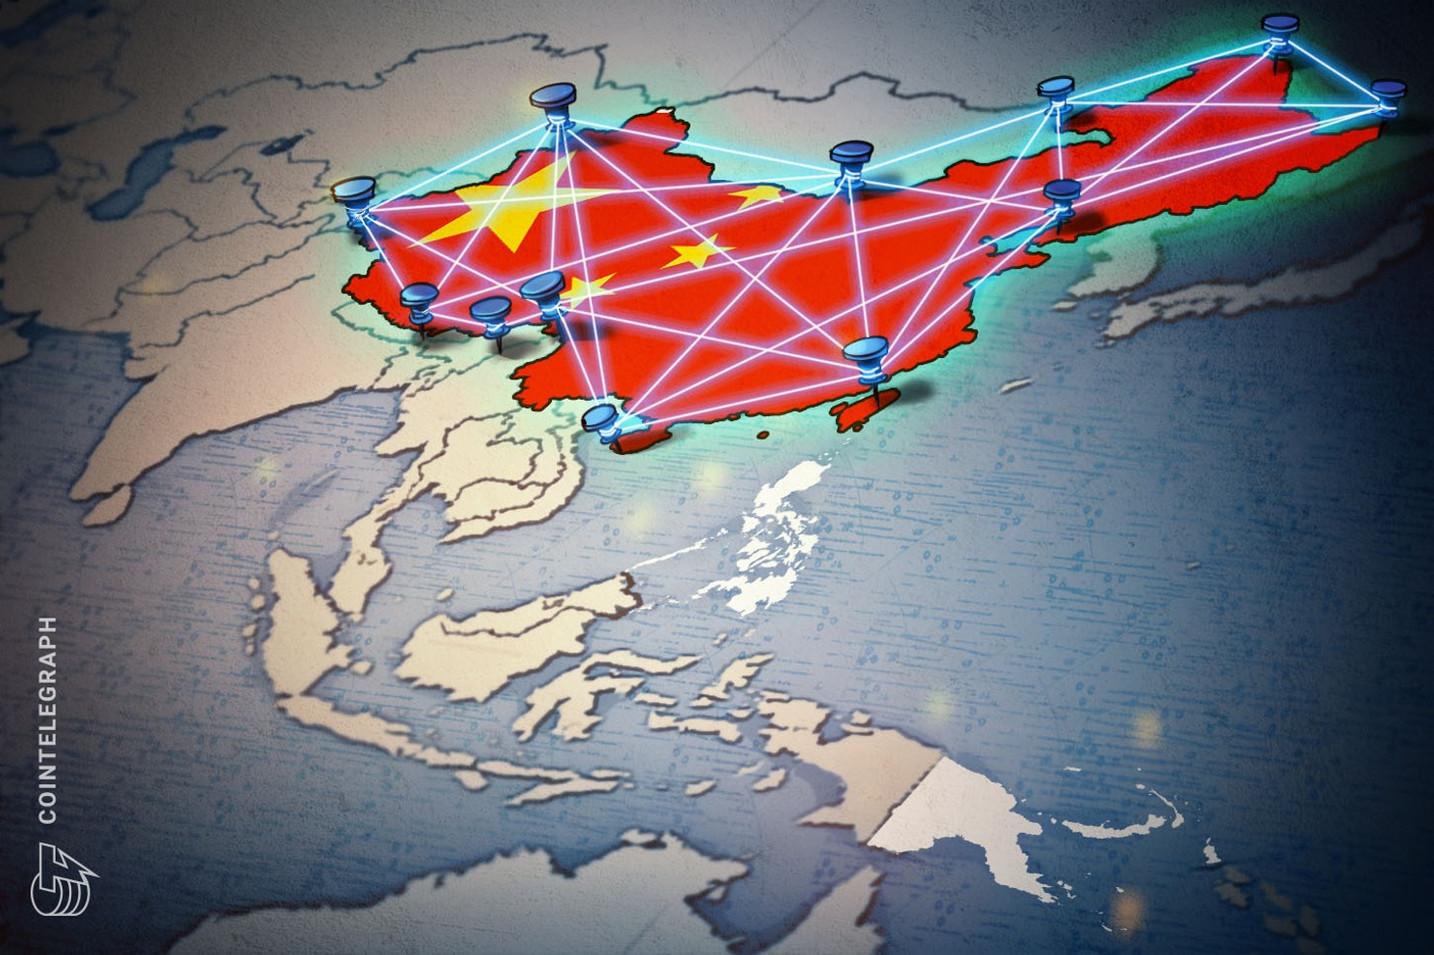 中国で仮想通貨関連の資本流出が3年連続100億ドル以上|ダークネット の調査も=レポート【ニュース】